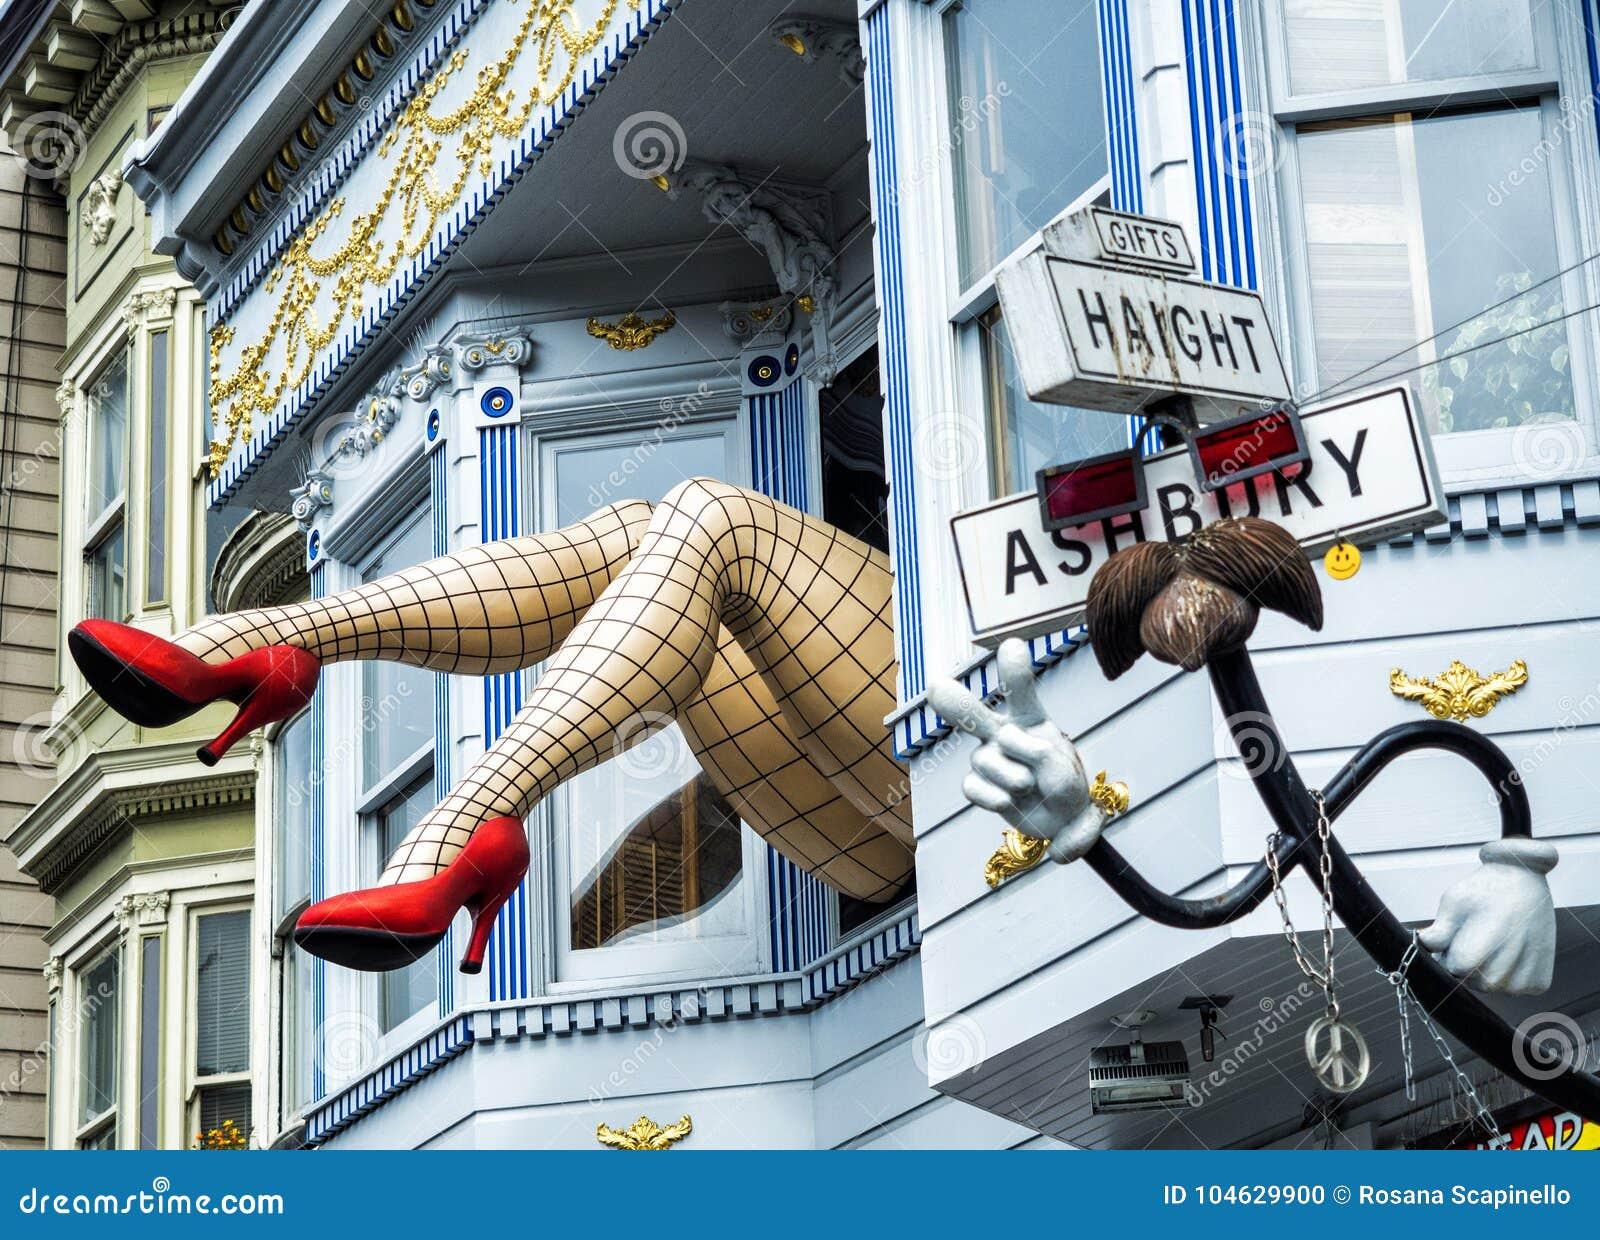 Download Haight-Ashbury, Grappige Vrouwelijke Benen Met Legging En Rode Hielen Door Venster In Een Blauw Huis - San Francisco, Californië, Redactionele Afbeelding - Afbeelding bestaande uit district, plaats: 104629900